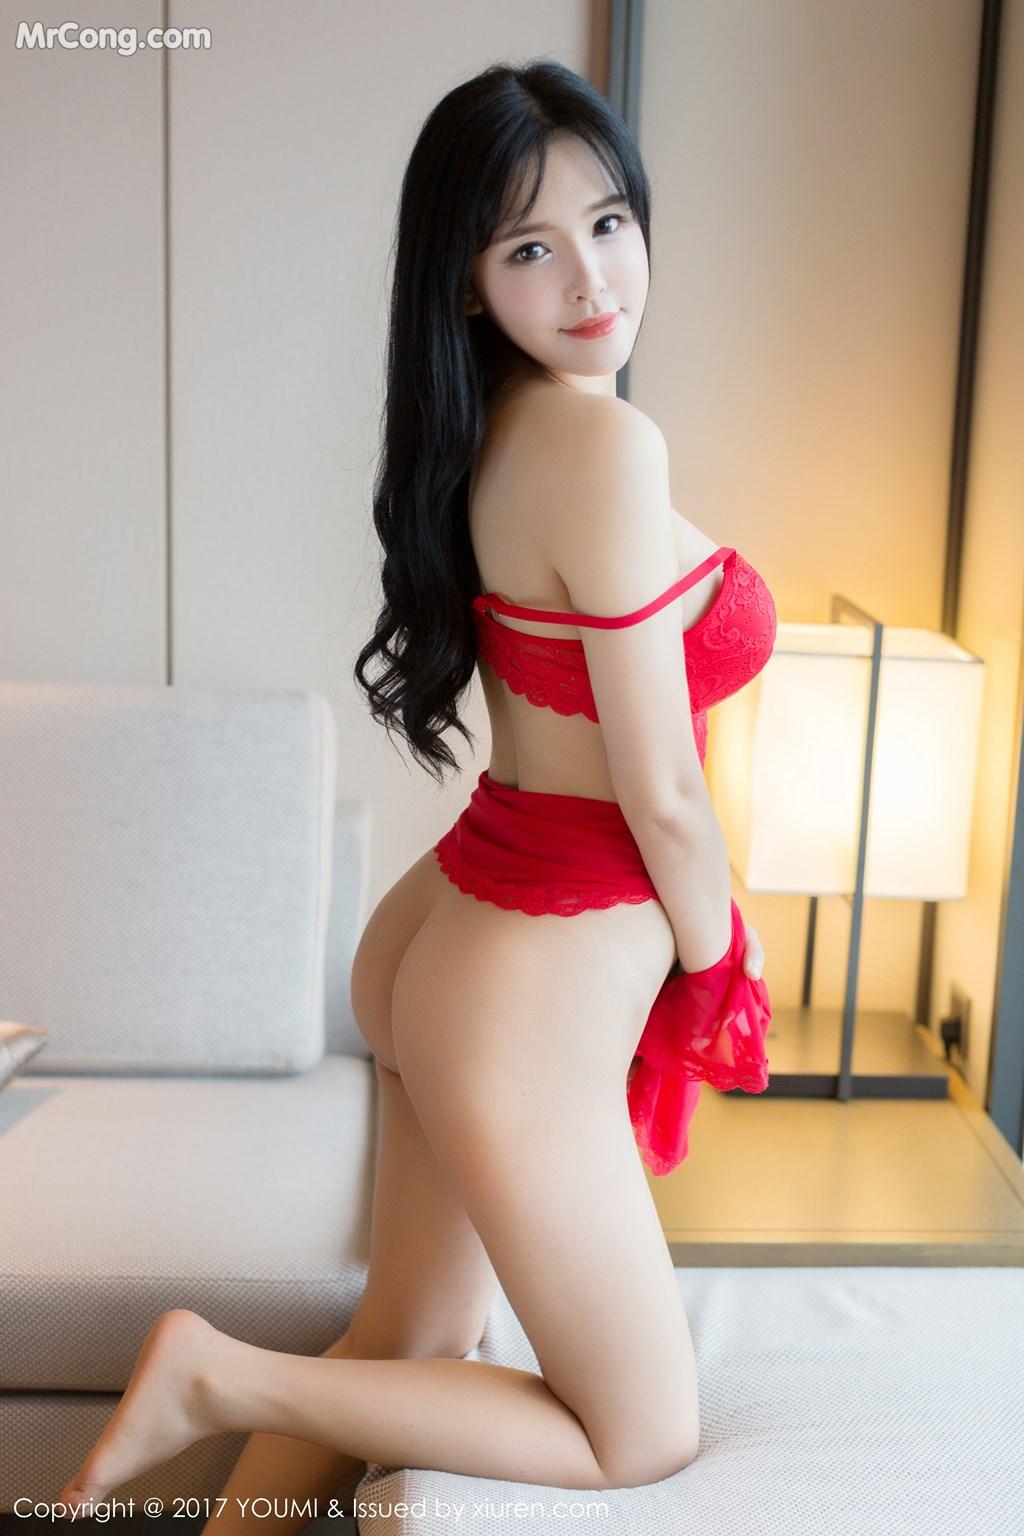 Image YouMi-Vol.064-Liu-Yu-Er-MrCong.com-013 in post YouMi Vol.064: Người mẫu Liu Yu Er (刘钰儿) (46 ảnh)